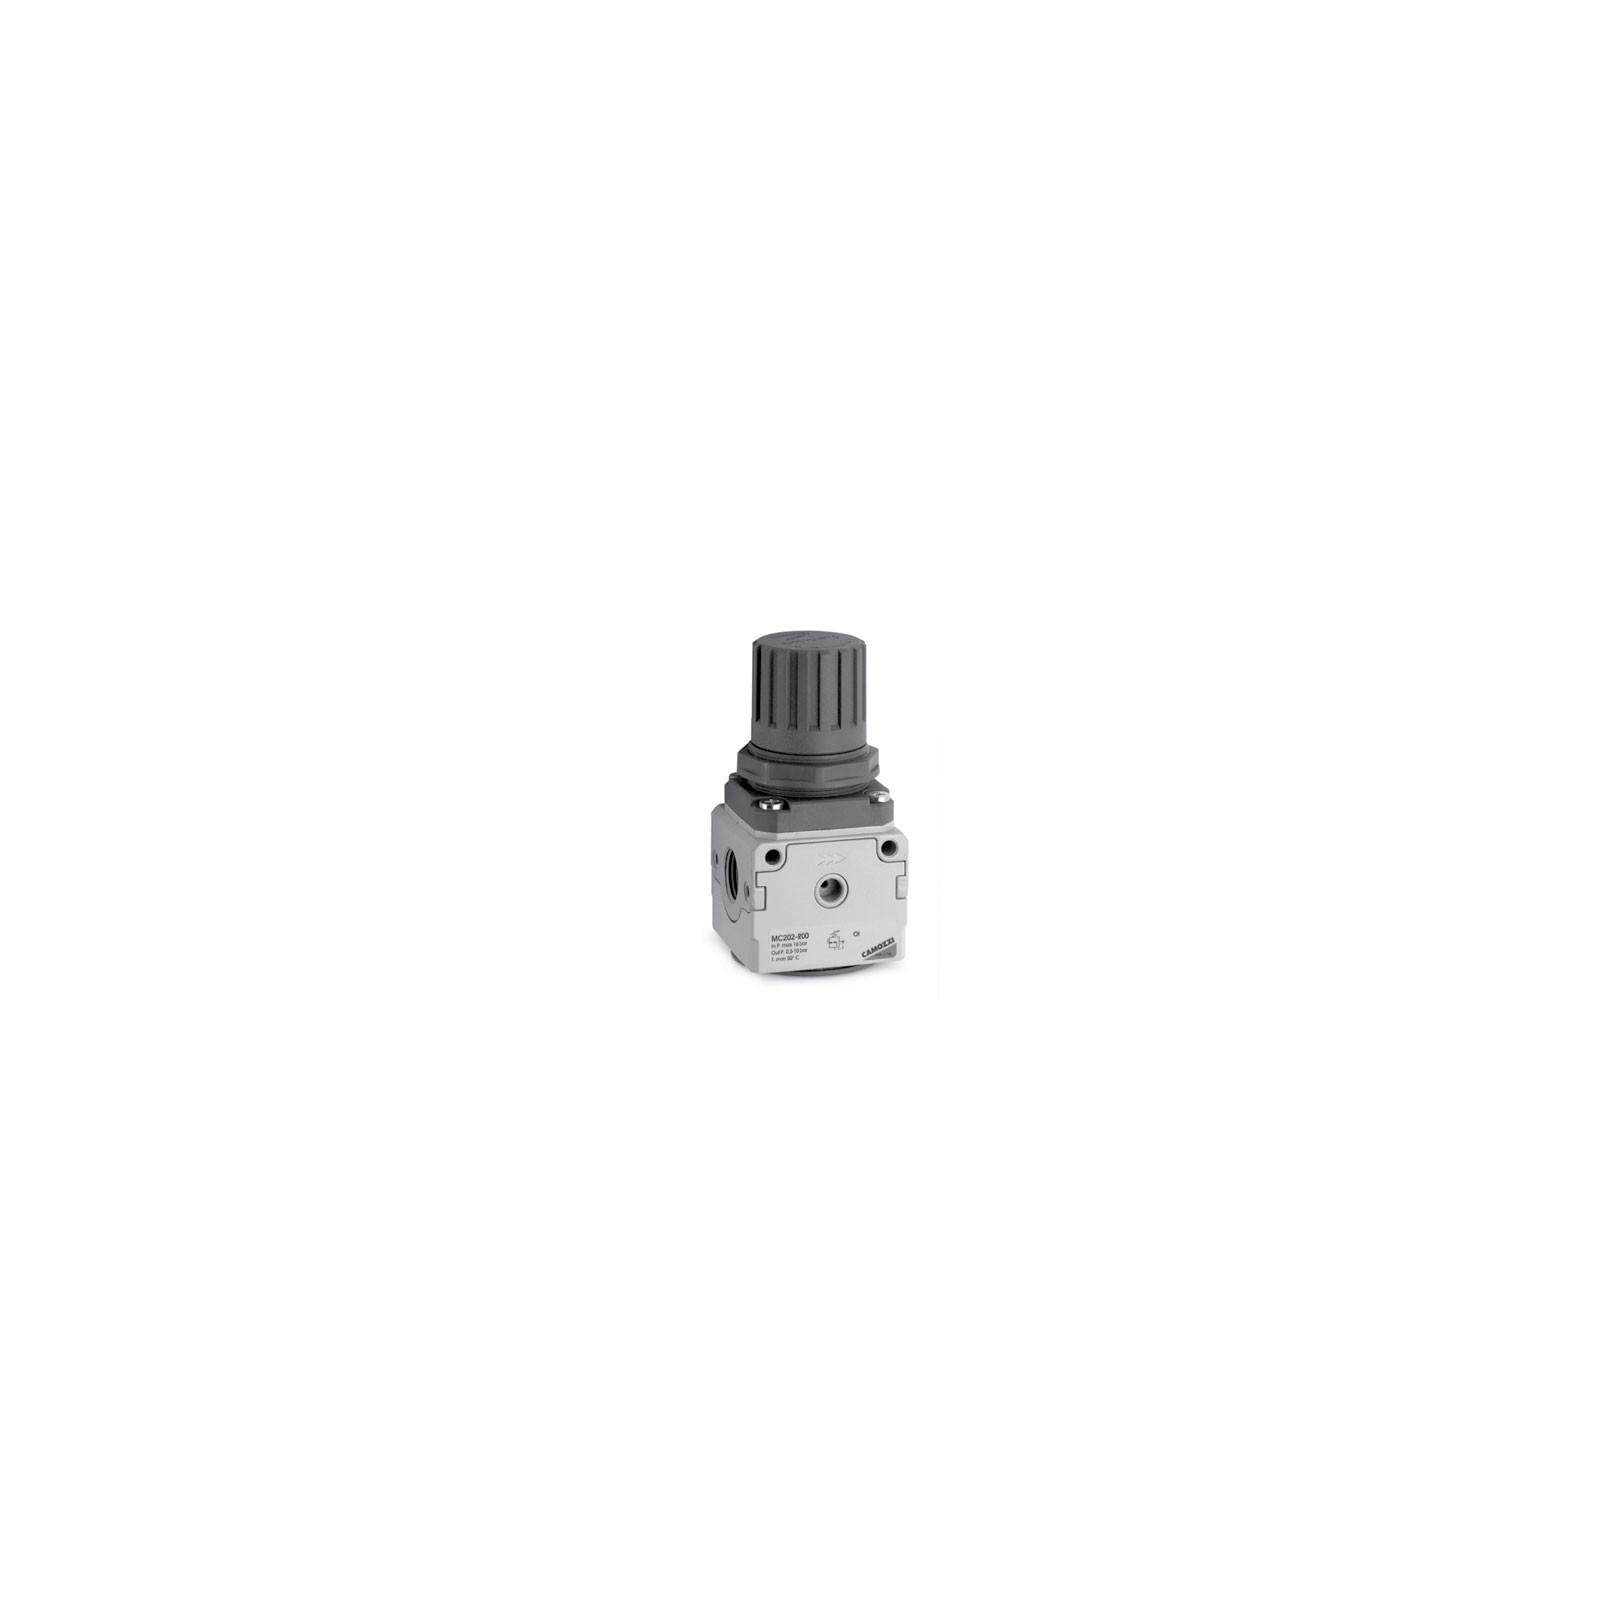 Régulateur de pression Camozzi Taille 1 - G1/4 - livré sans manomètre